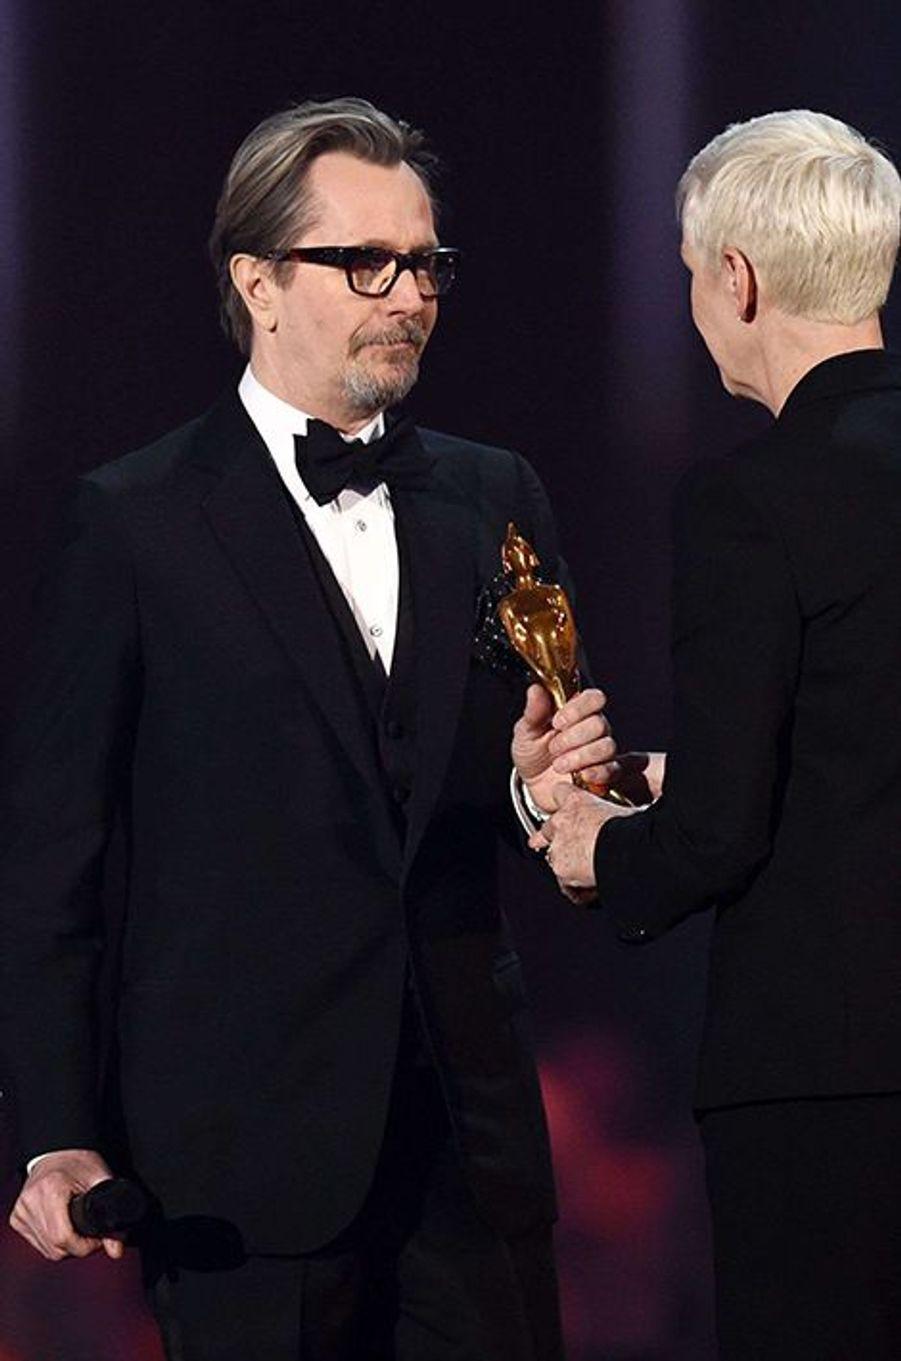 Gary Oldman récupére le prix de l'icône britannique remis à titre posthume